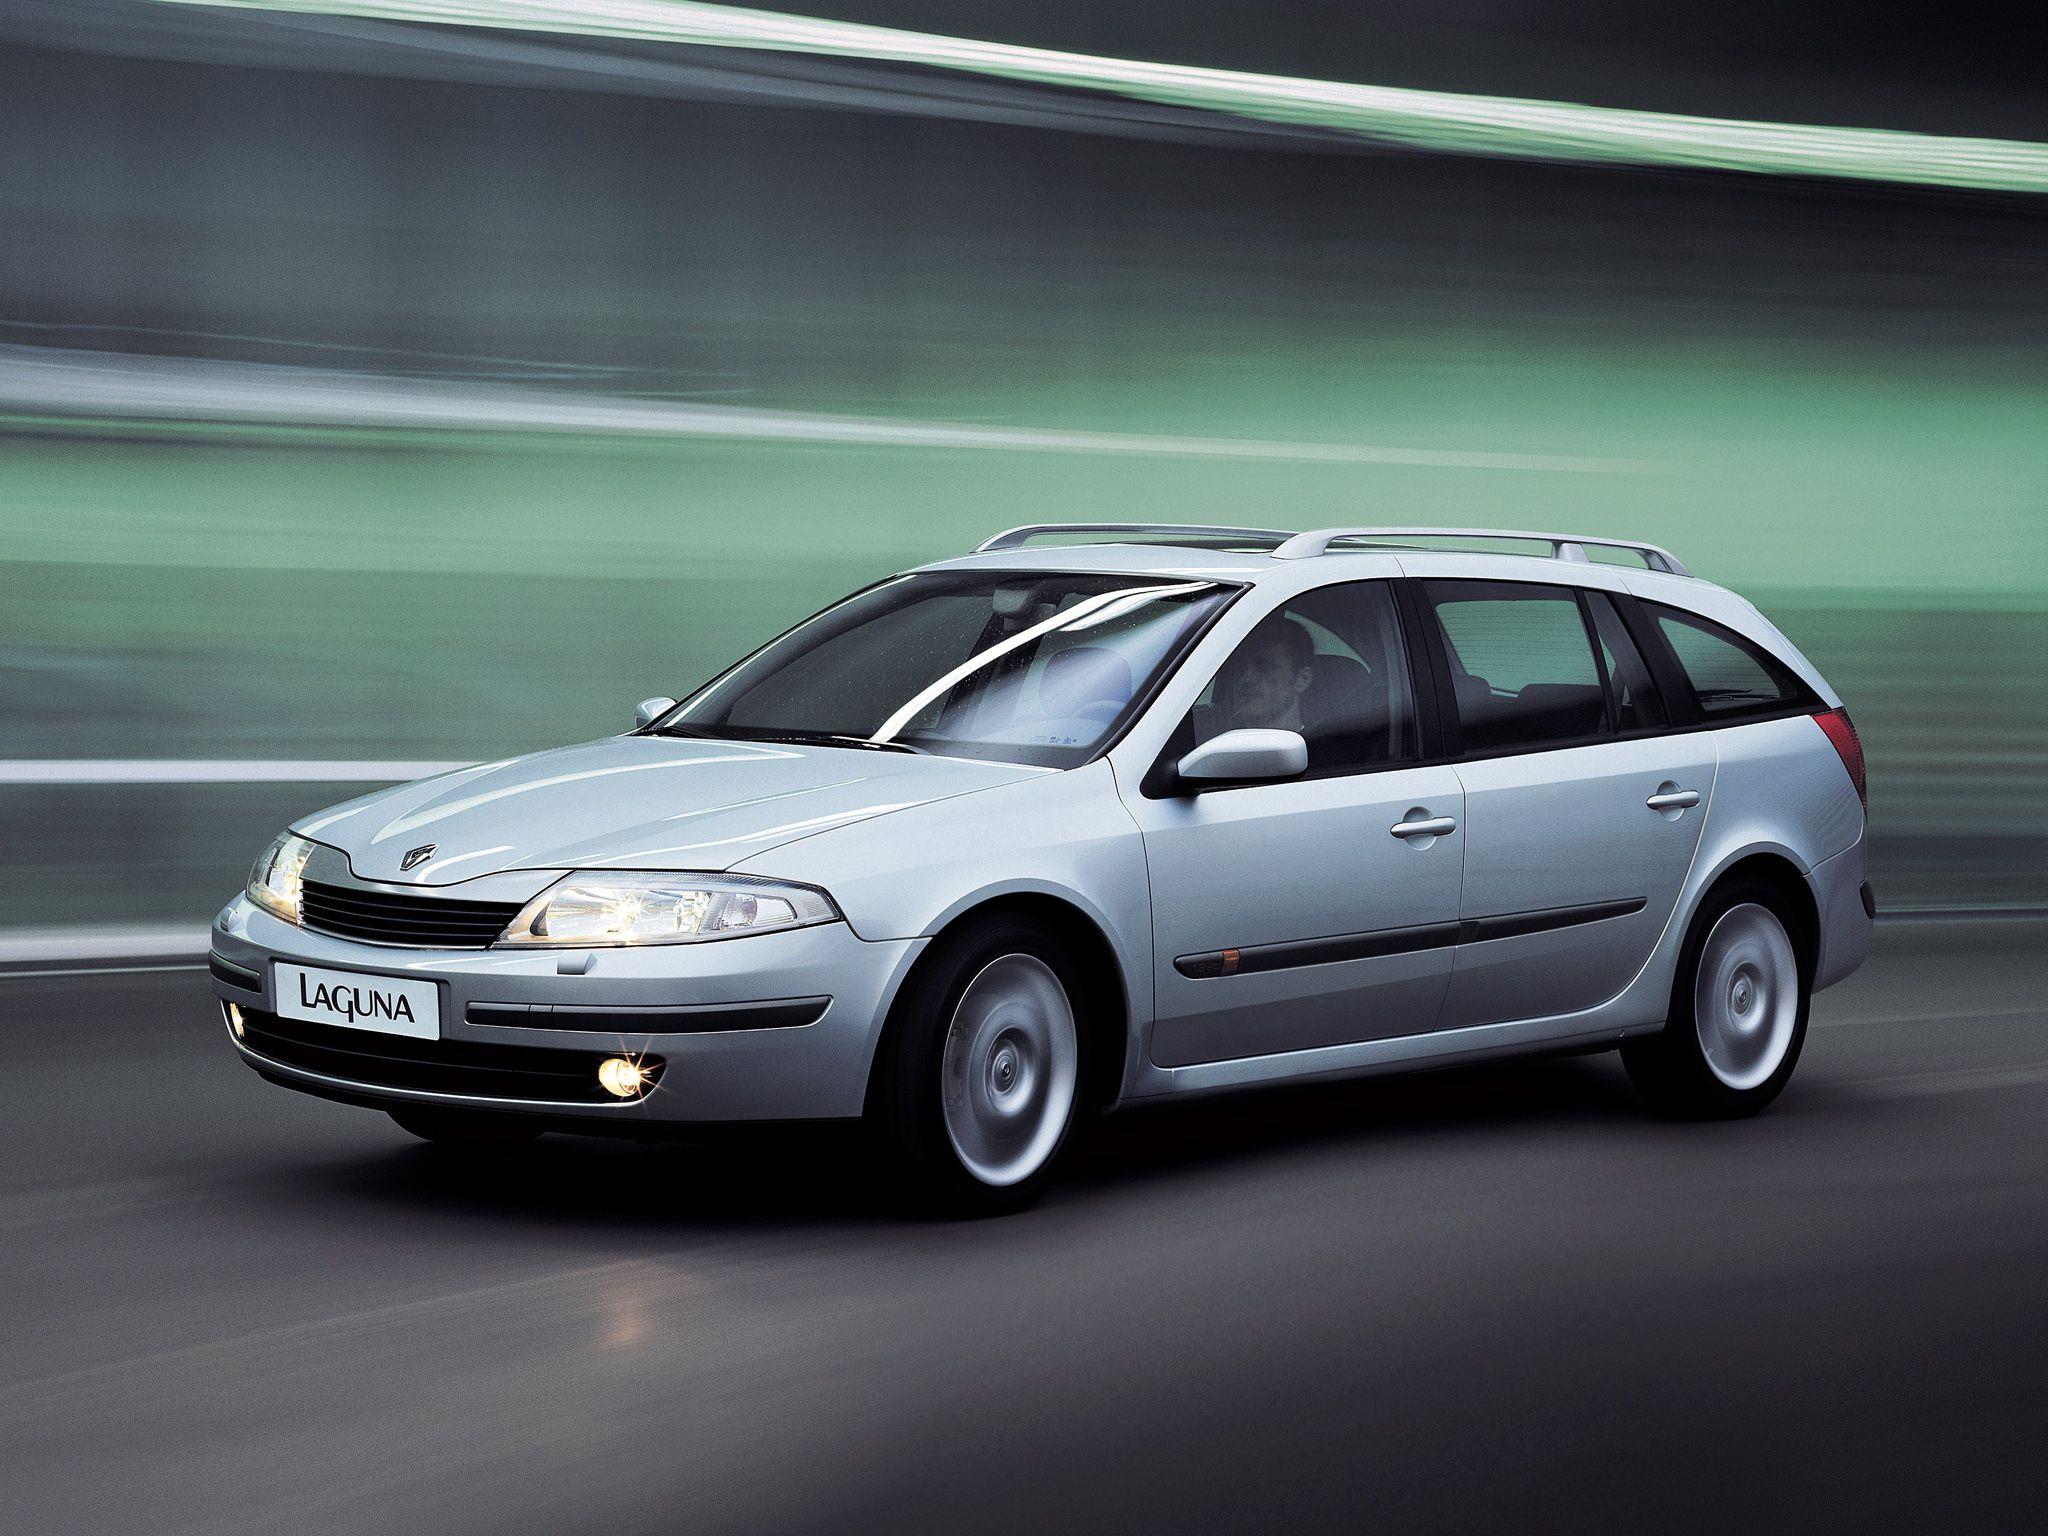 TM 40] Renault Megane Wiring Diagram On Wiring Diagram Renault ...